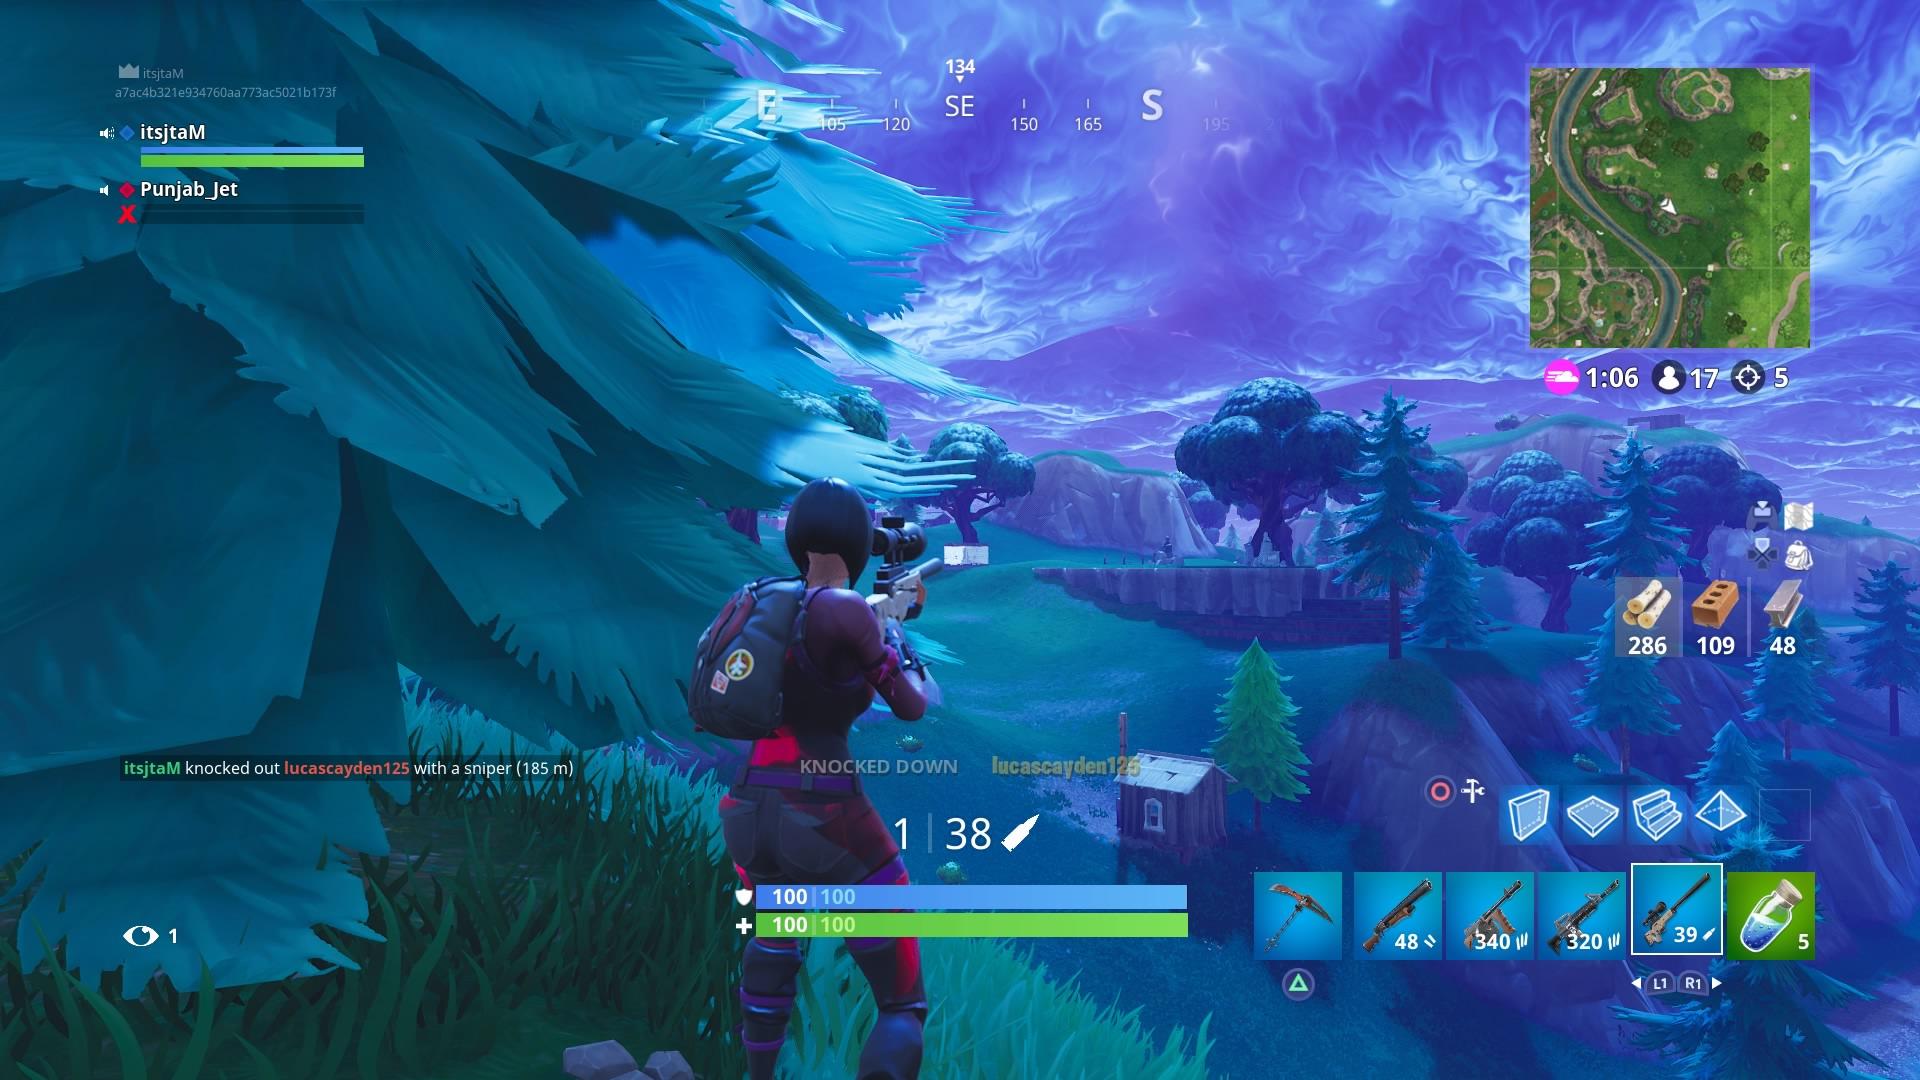 fortnite long sniper shot wallpaper 64822